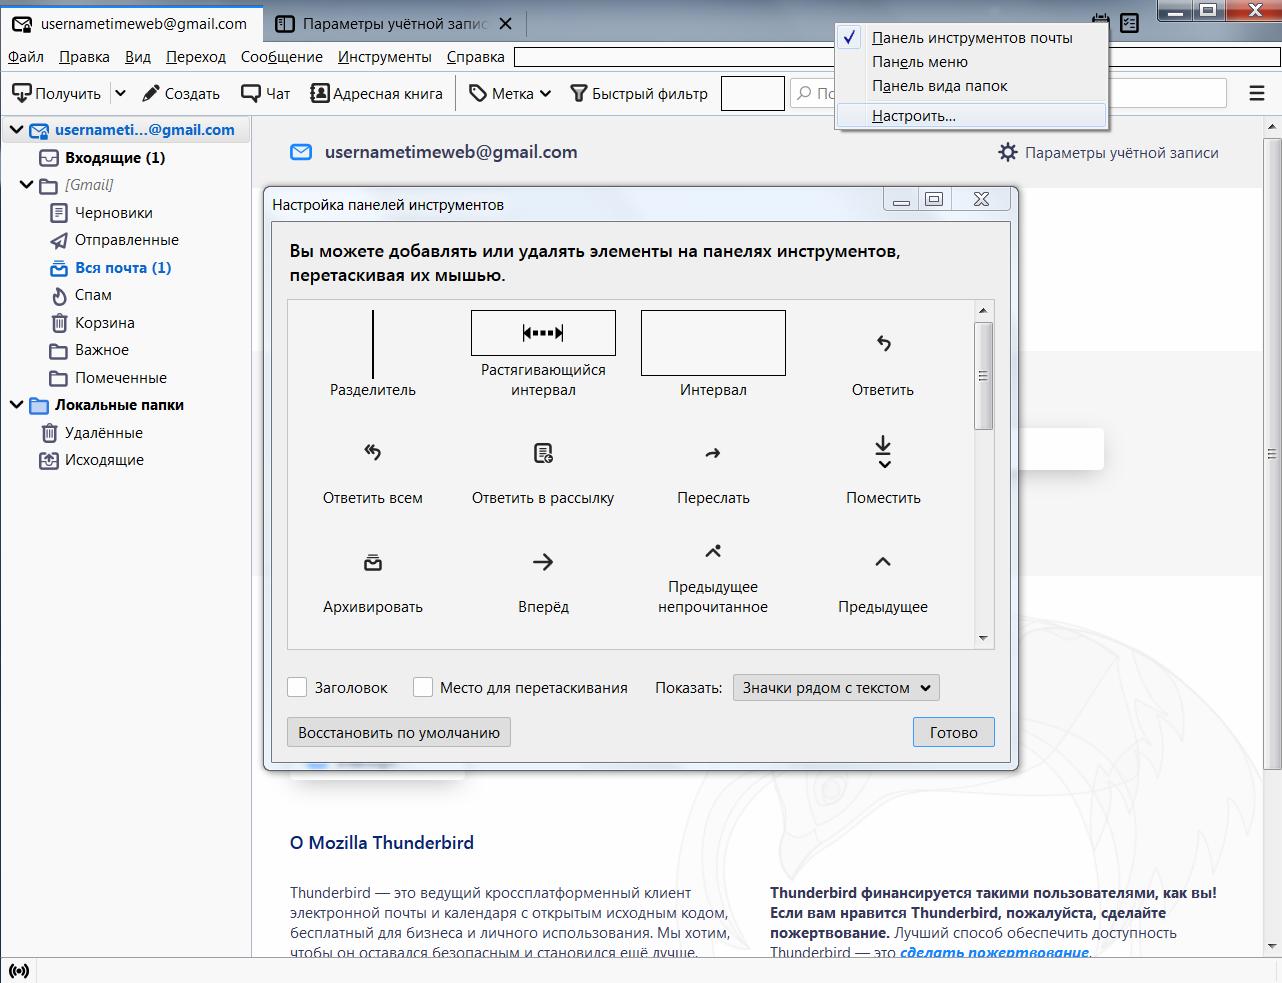 Mozilla Thunderbird инструменты